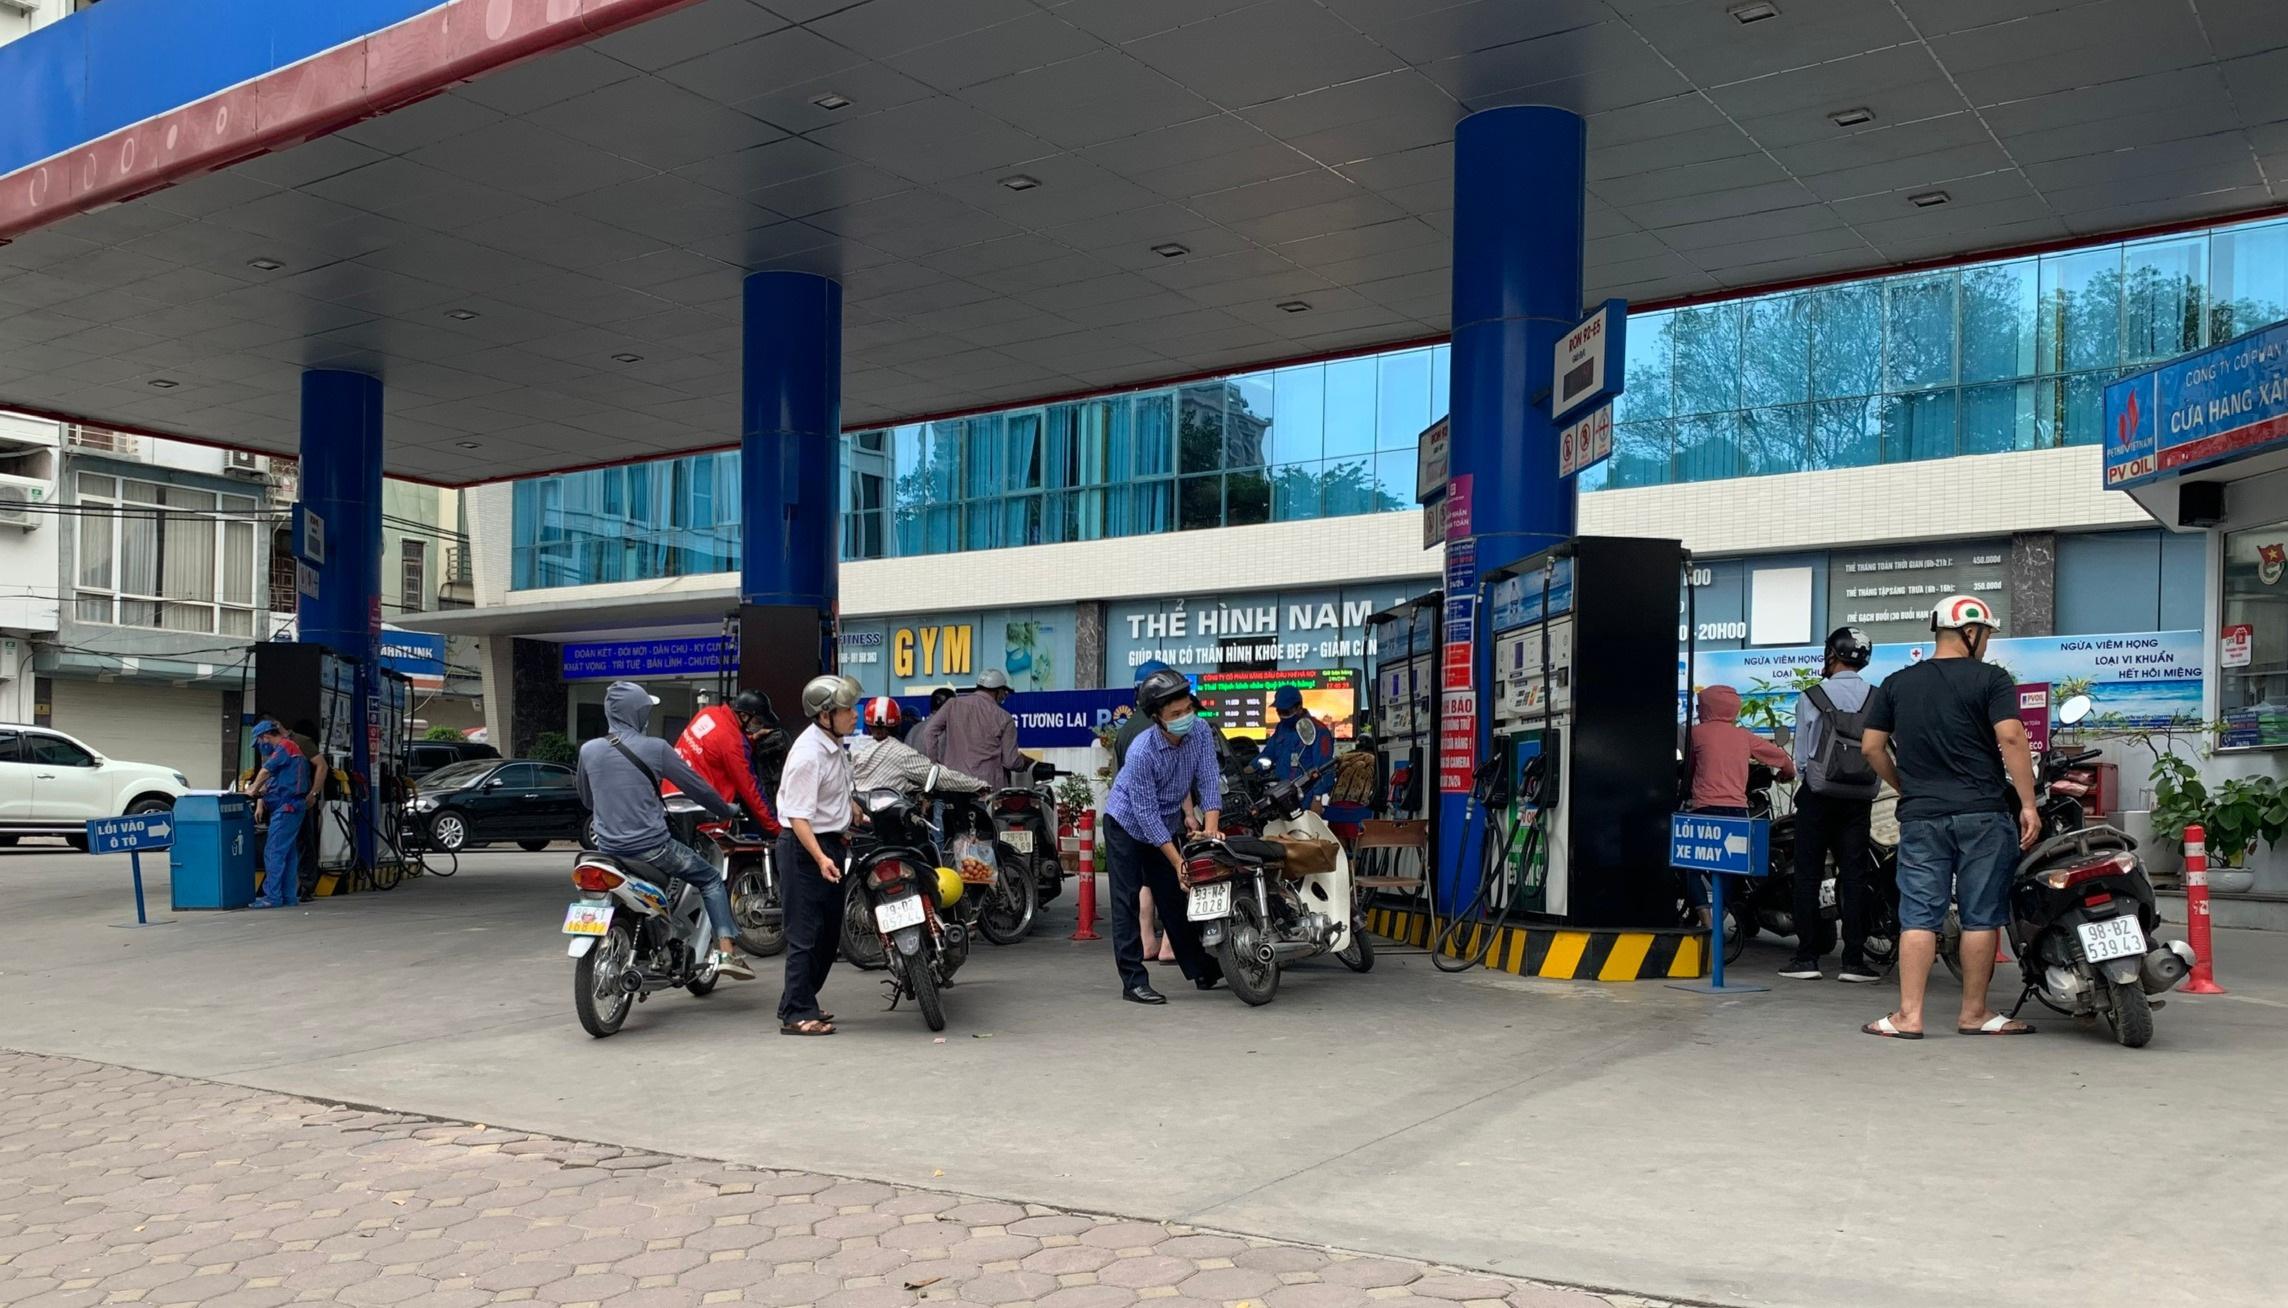 Giá xăng sẽ giảm nhẹ vào ngày mai, đứt chuỗi tăng liên tiếp?